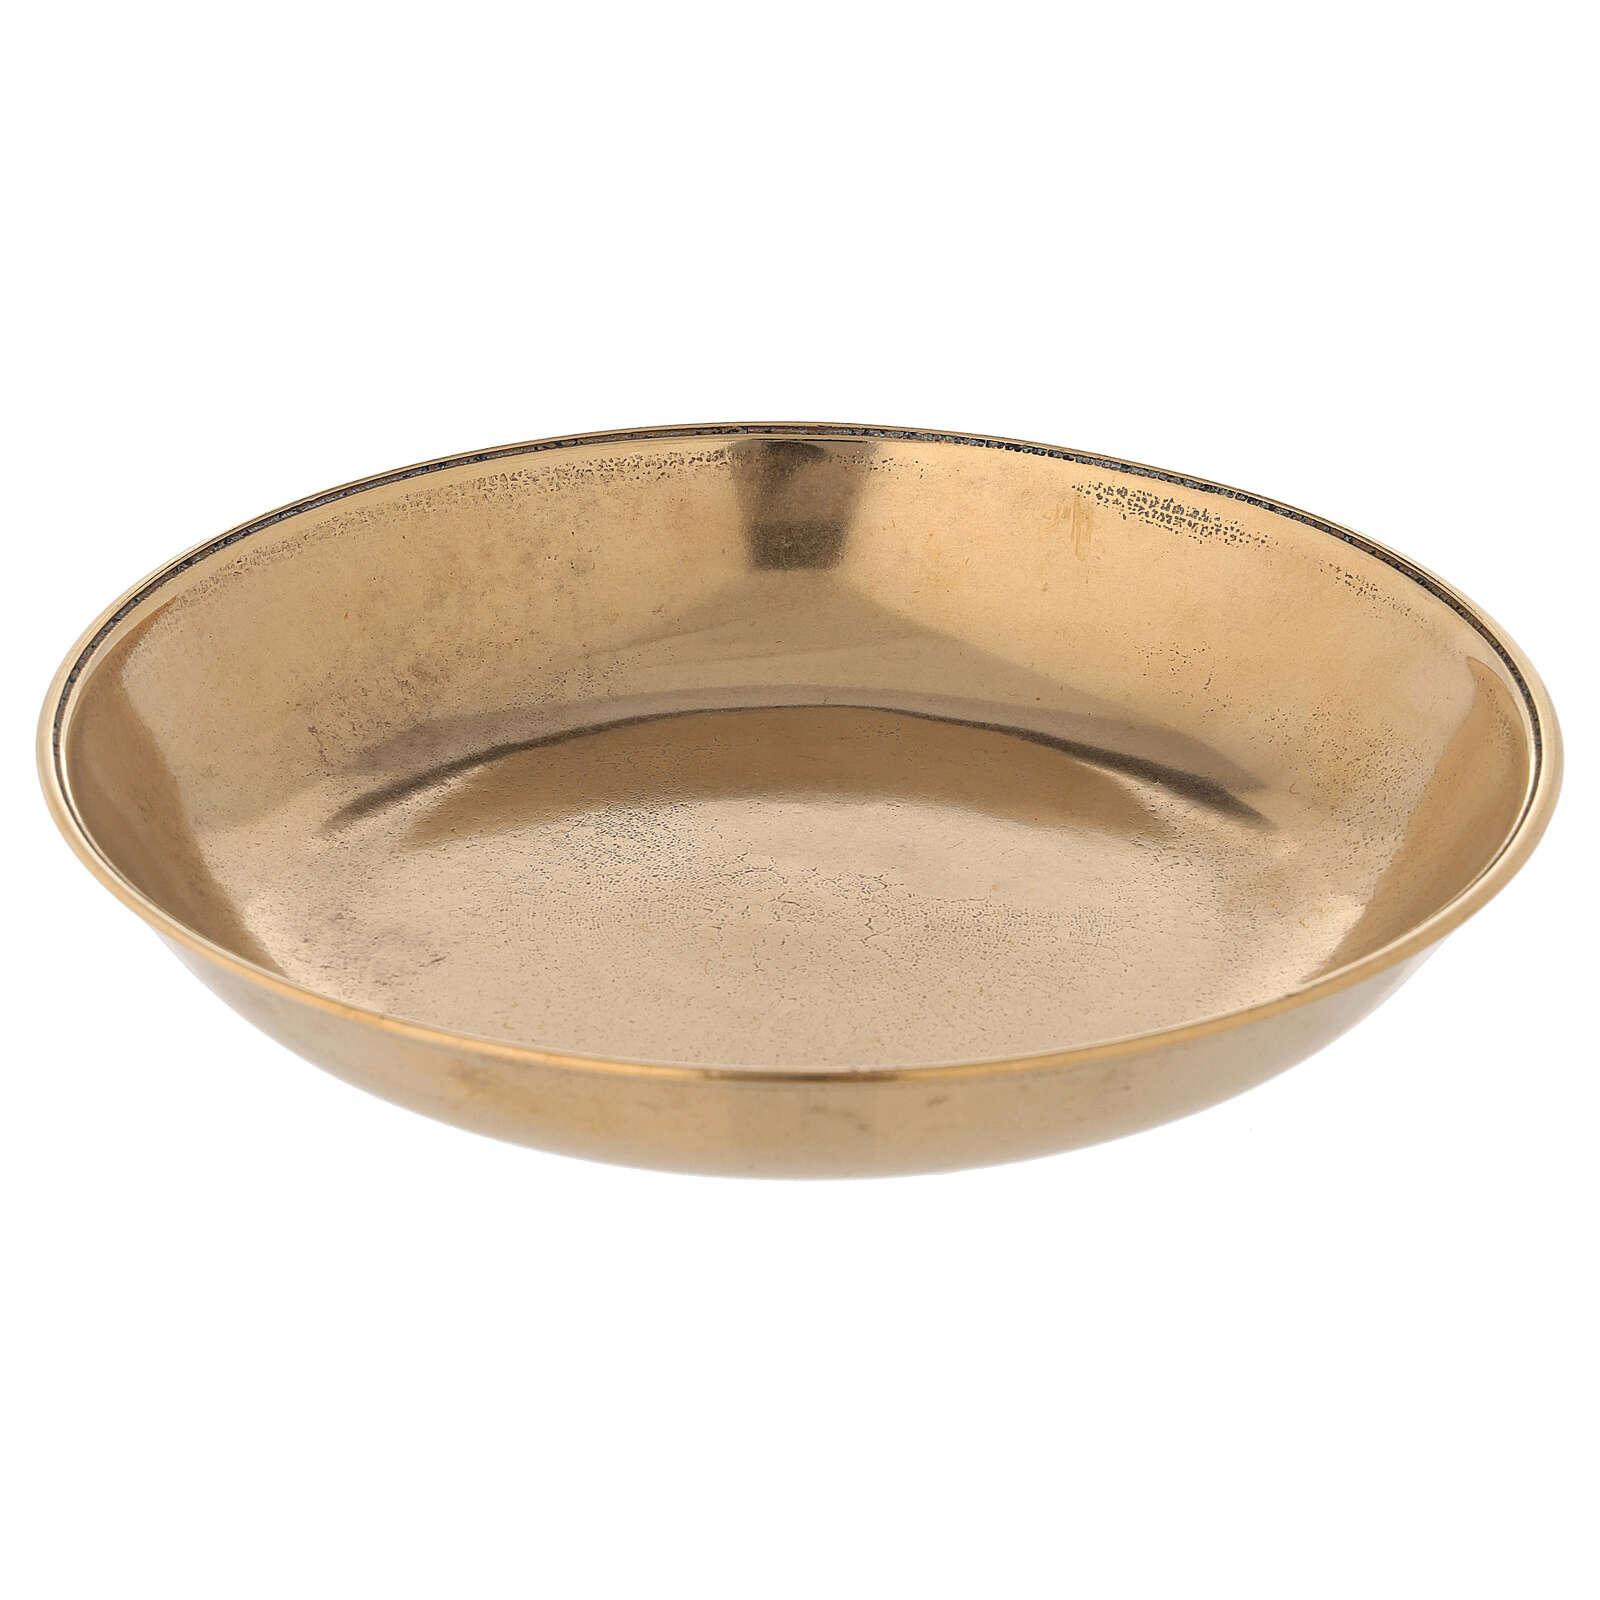 Jarra para lavagem das mãos em latão dourado antigo 3